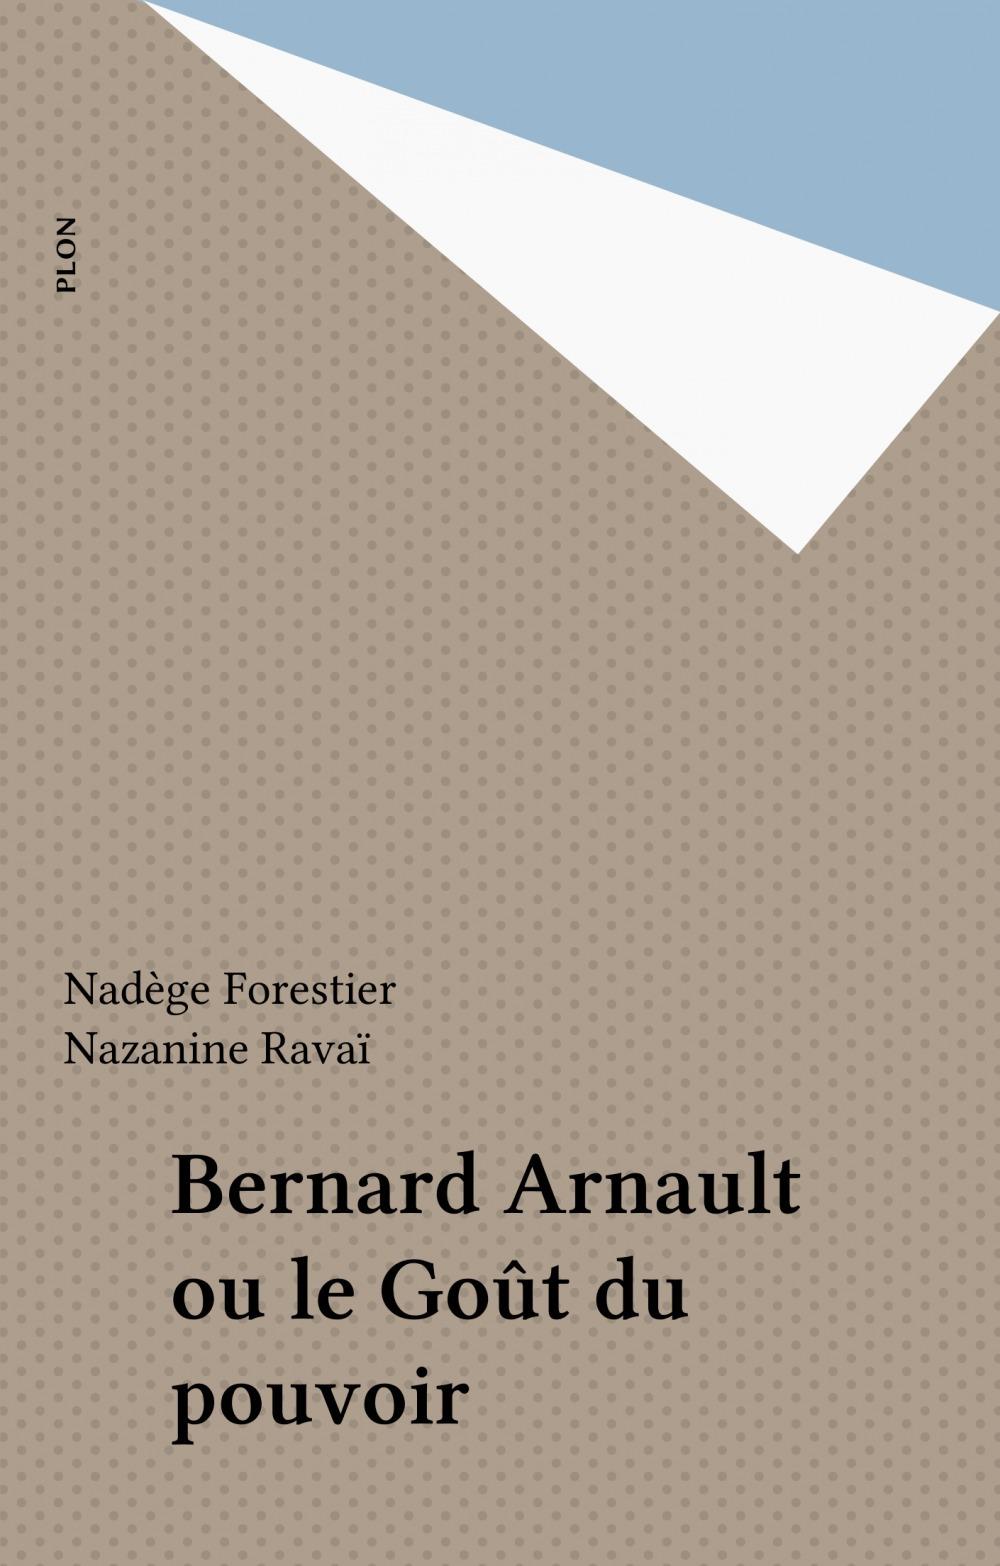 Bernard arnault gout pouvoir